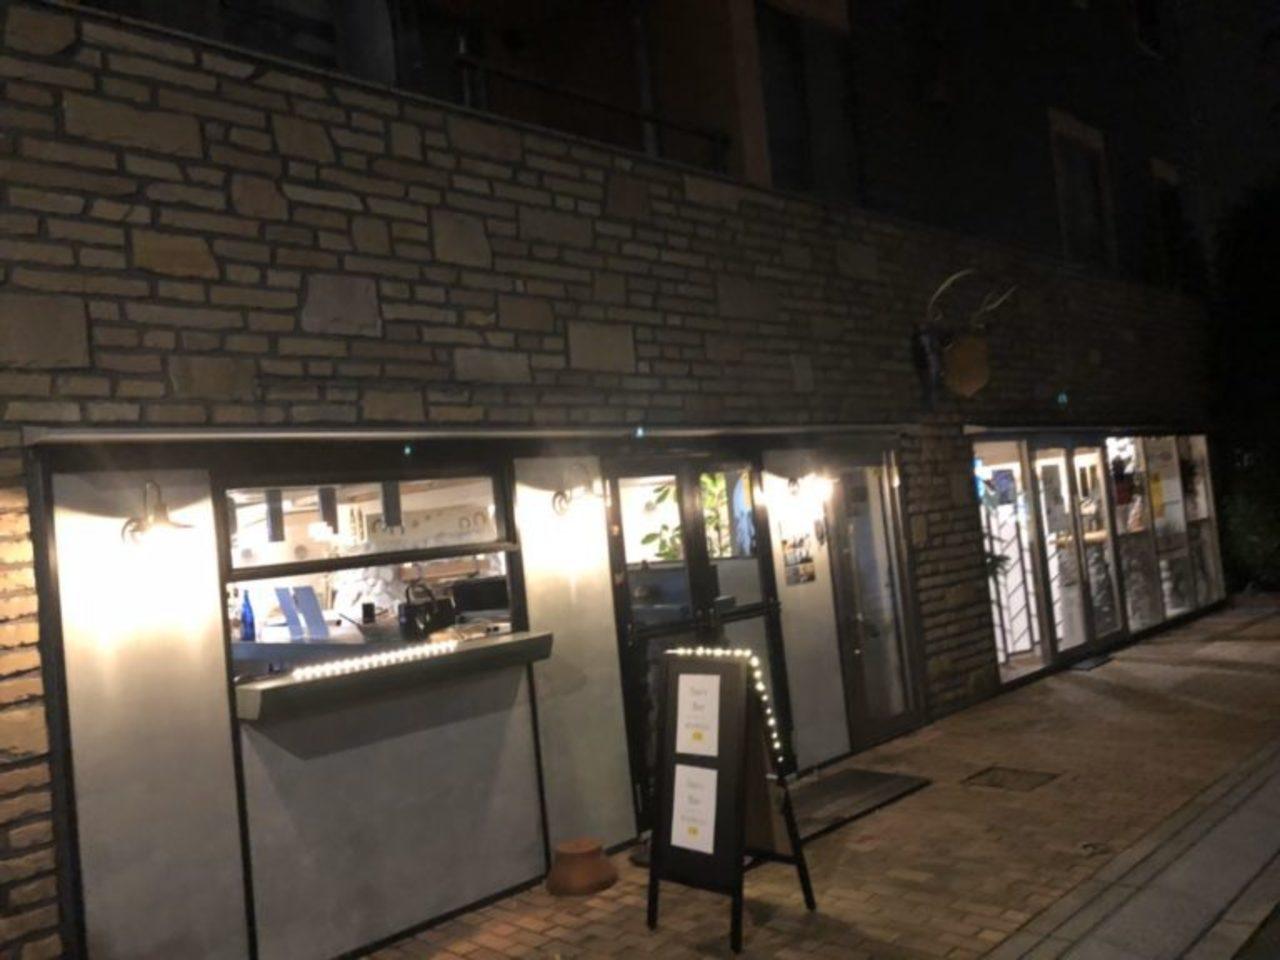 東京都豊島区巣鴨1丁目におしゃれなバー「Bar93」が本日グランドオープンのようです。